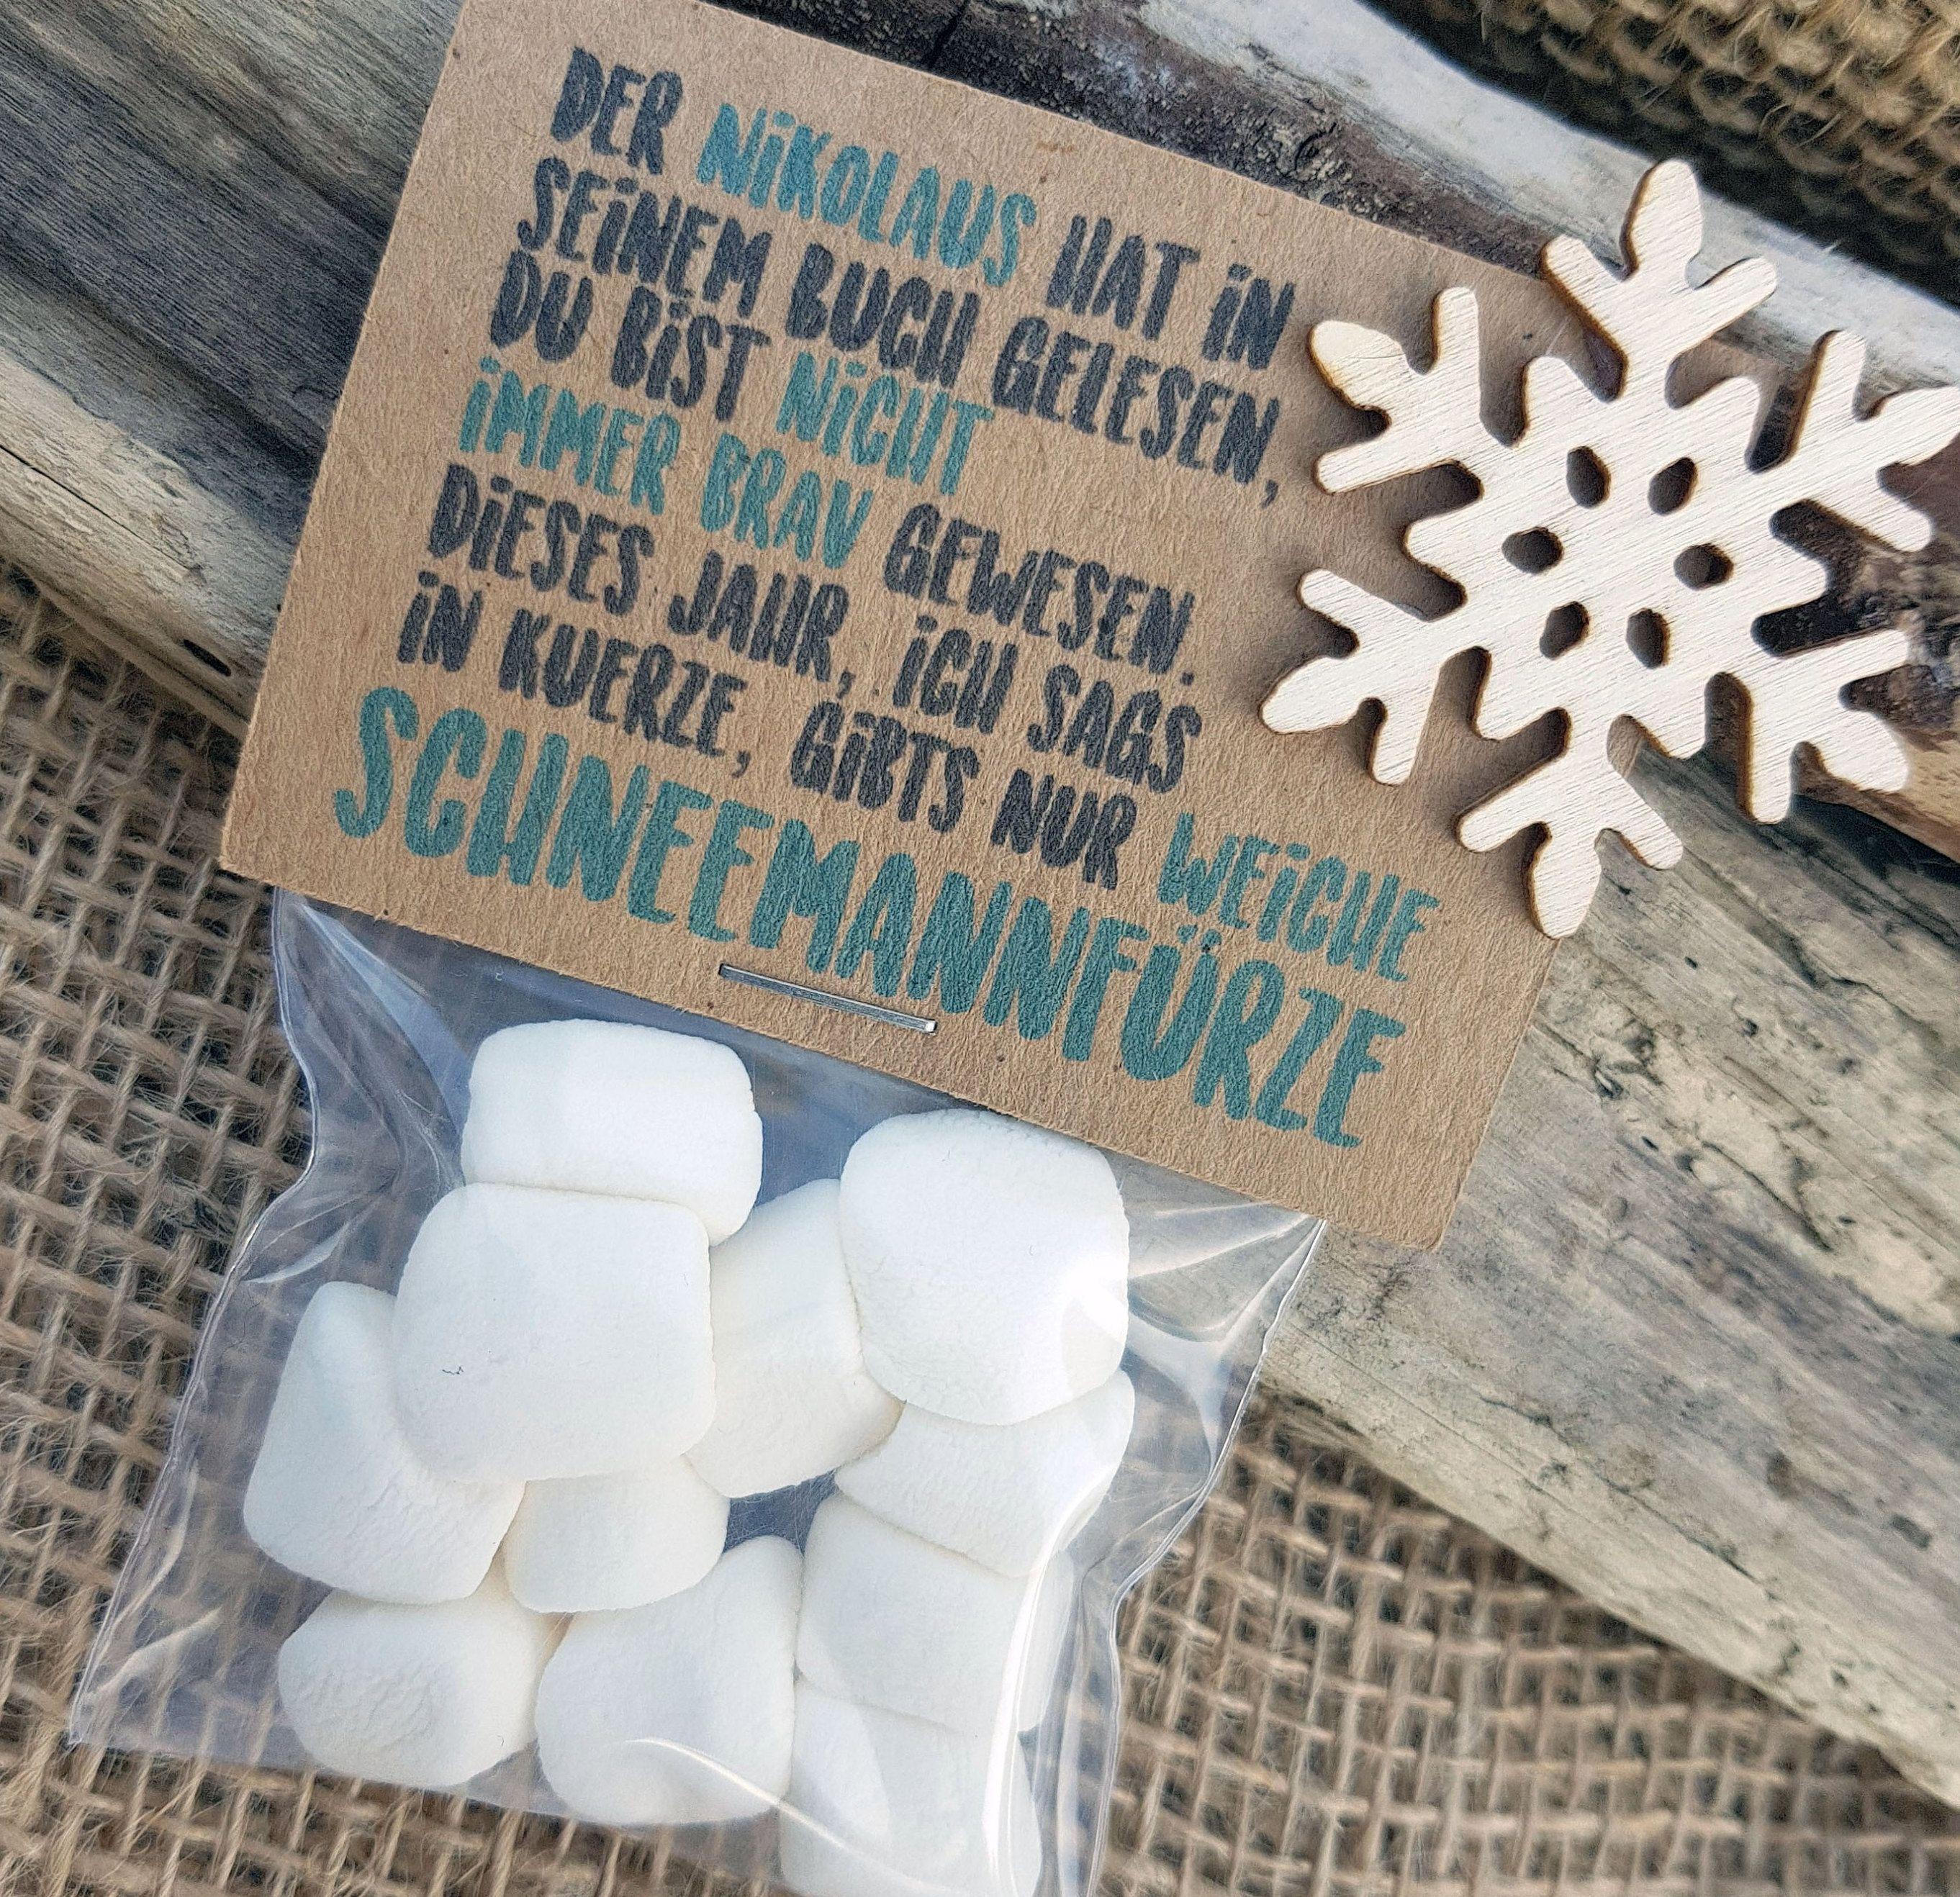 Weihnachtsgeschenke Kleinigkeiten.Pin By Laneta Guth On Christmas Geschenke Weihnachten Ostern